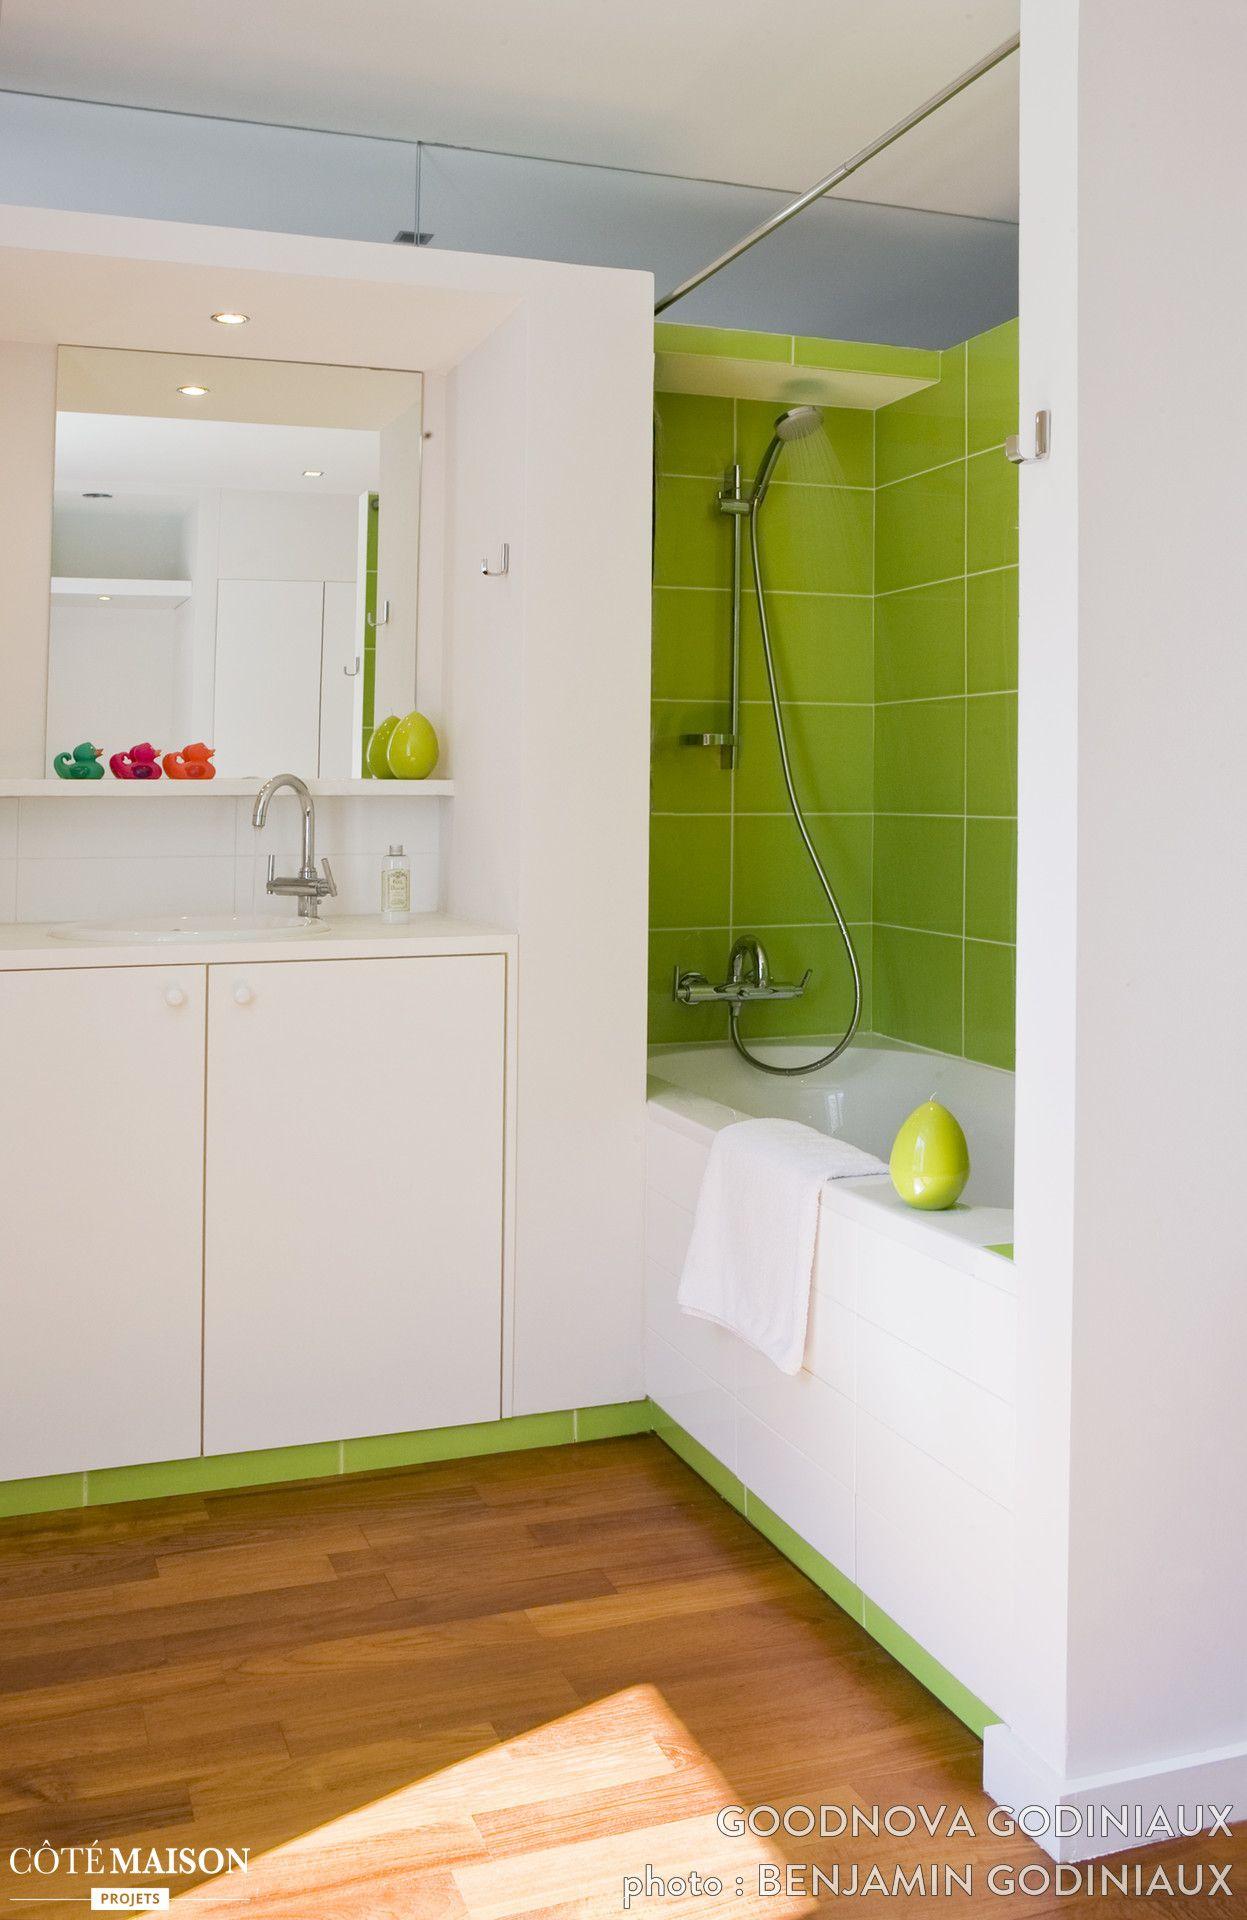 une salle de bains avec une couleur verte plutà t original